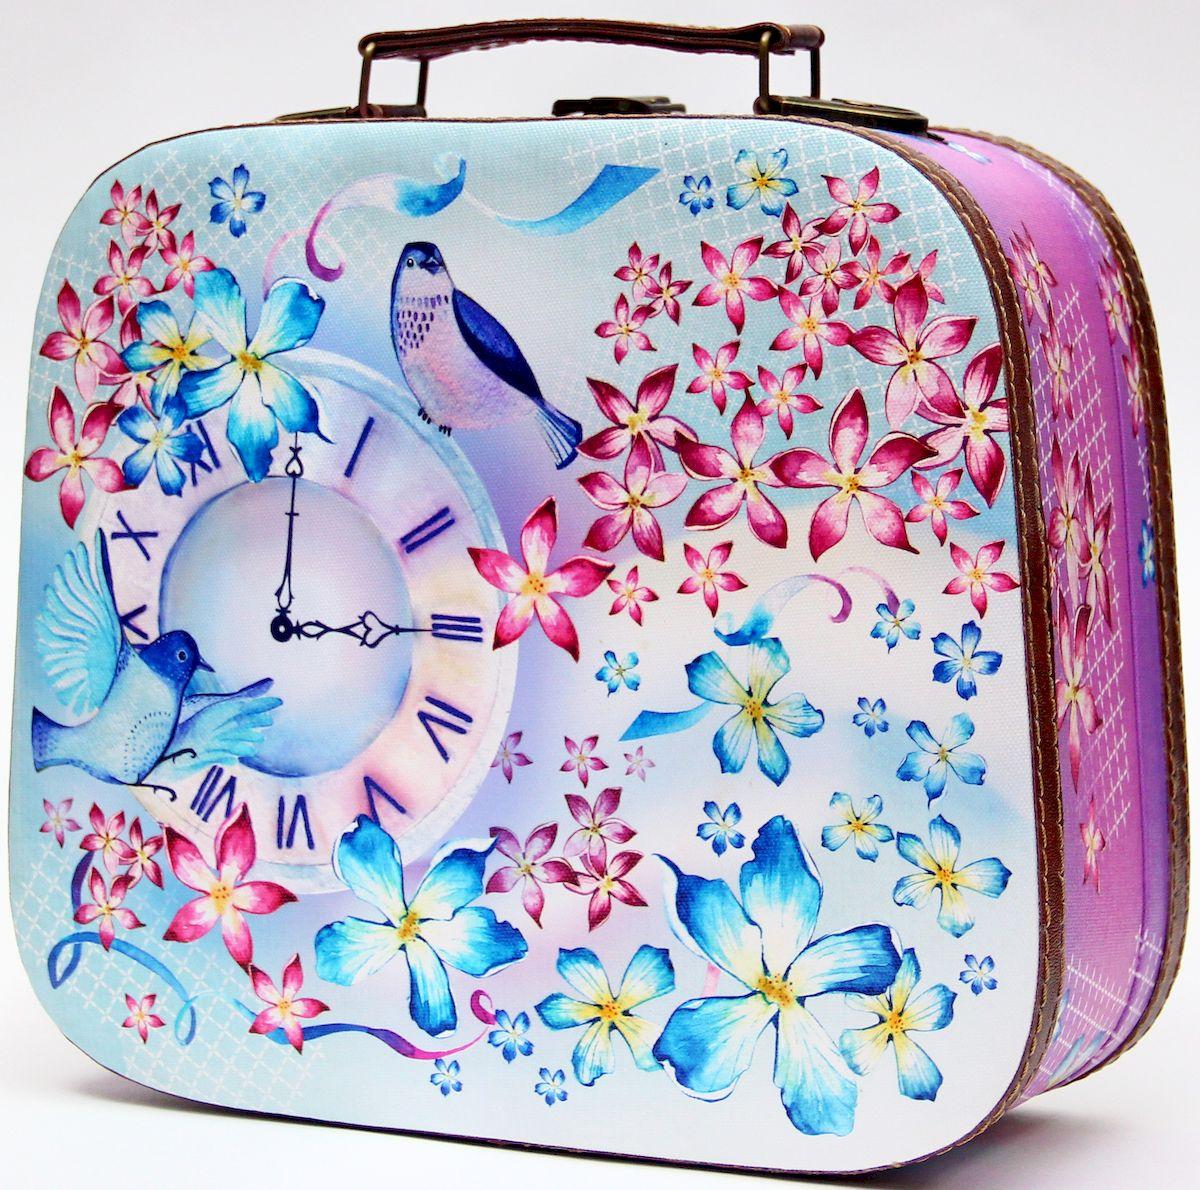 Шкатулка декоративная Magic Home Часы и птичка, цвет: розовый, 28,5 х 25 х 10,5 см42733Декоративная шкатулка Magic Home Часы и птичка, выполненная из МДФ, оформлена ярким цветным изображением. Изделие закрывается на металлический замок и оснащено оригинальной ручкой под старину для переноски.Такая шкатулка может использоваться для хранения бижутерии, предметов рукоделия, в качестве украшения интерьера, а также послужит хорошим подарком для человека, ценящего практичные и оригинальные вещицы.